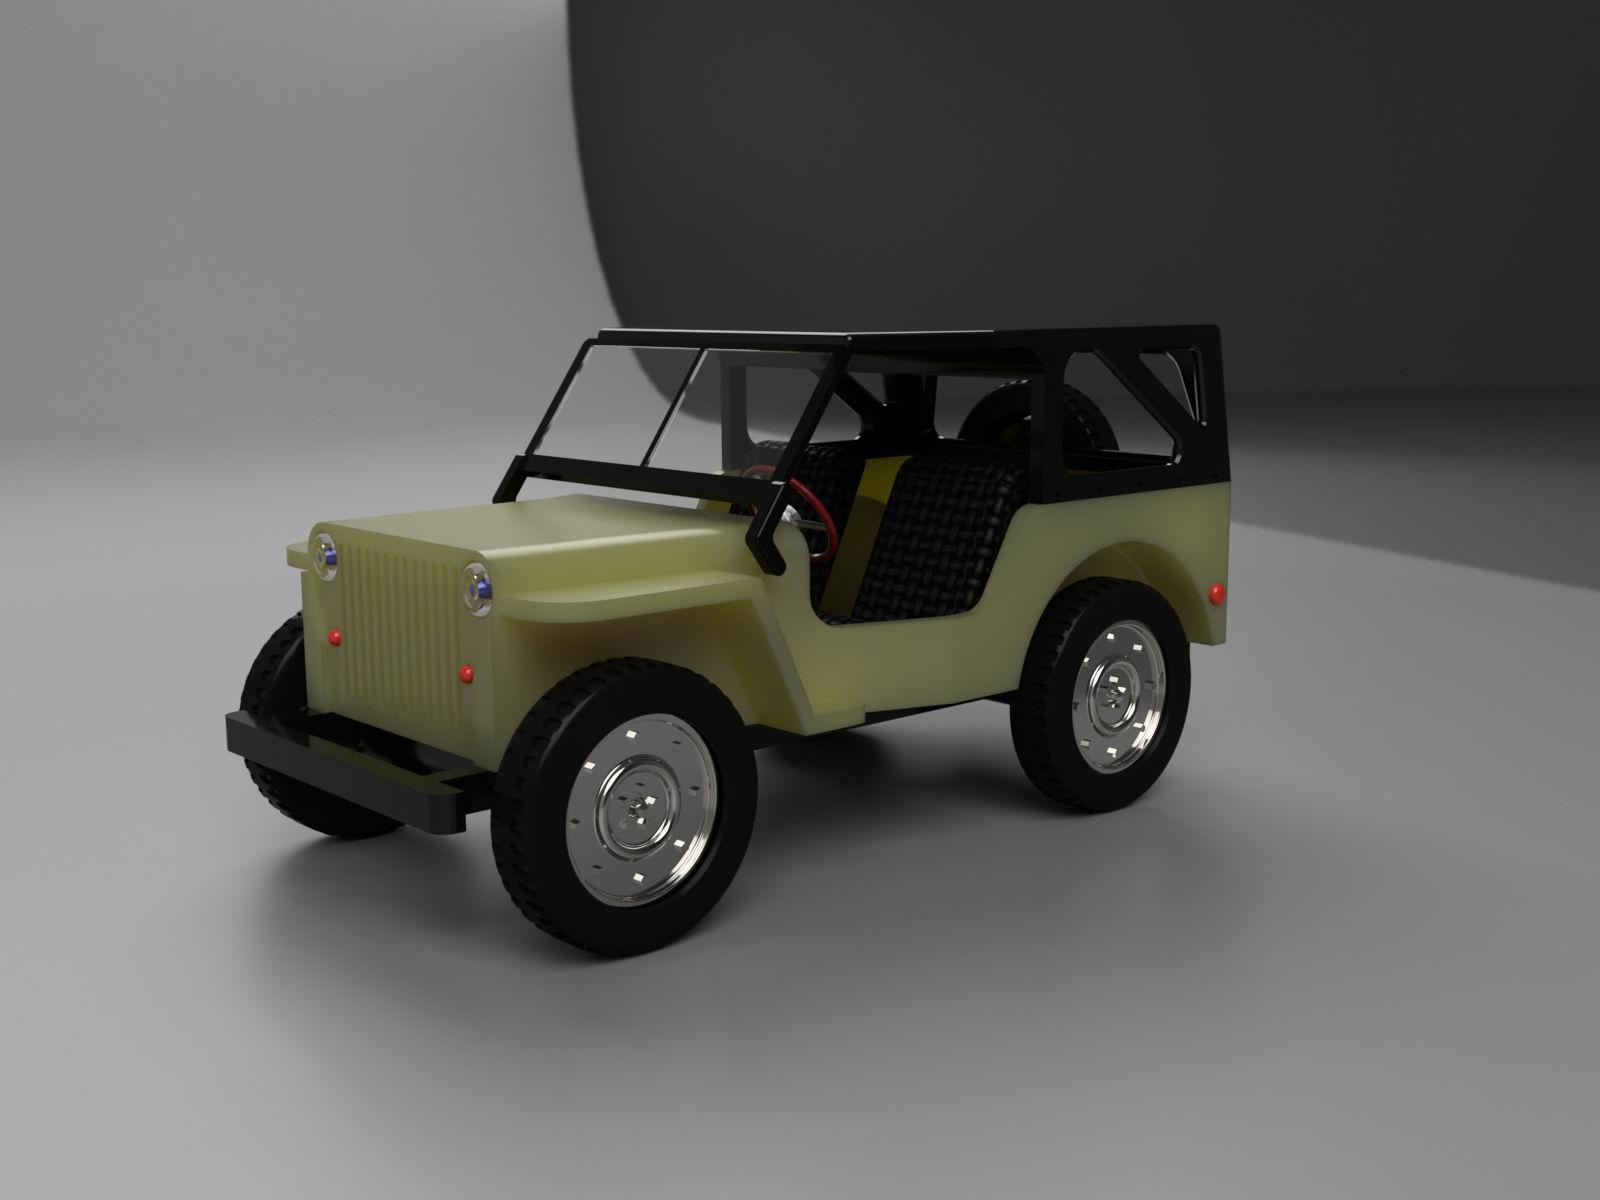 P2-carroceria-2017-aug-02-12-21-57am-000-customizedview32814084919-3500-3500